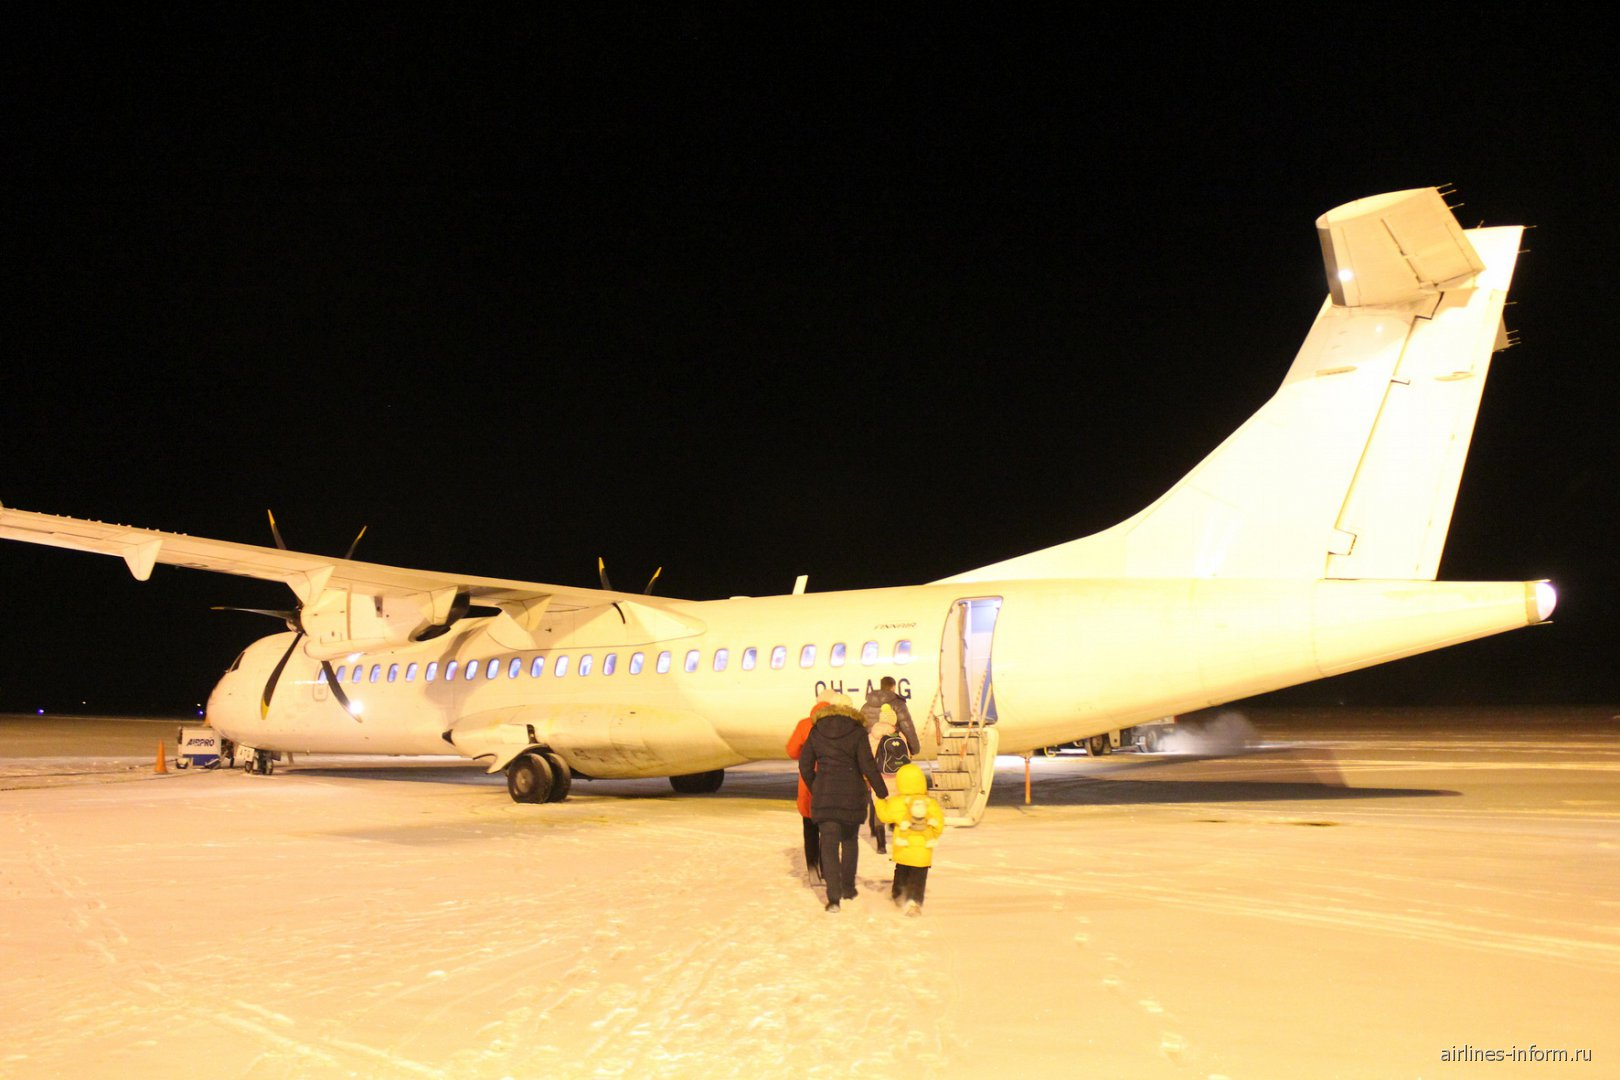 Новогоднее путешествие в Финляндию. Часть 3, региональные авиалинии Финляндии: Каяни(KAJ)-Хельсинки(HEL) с Norra